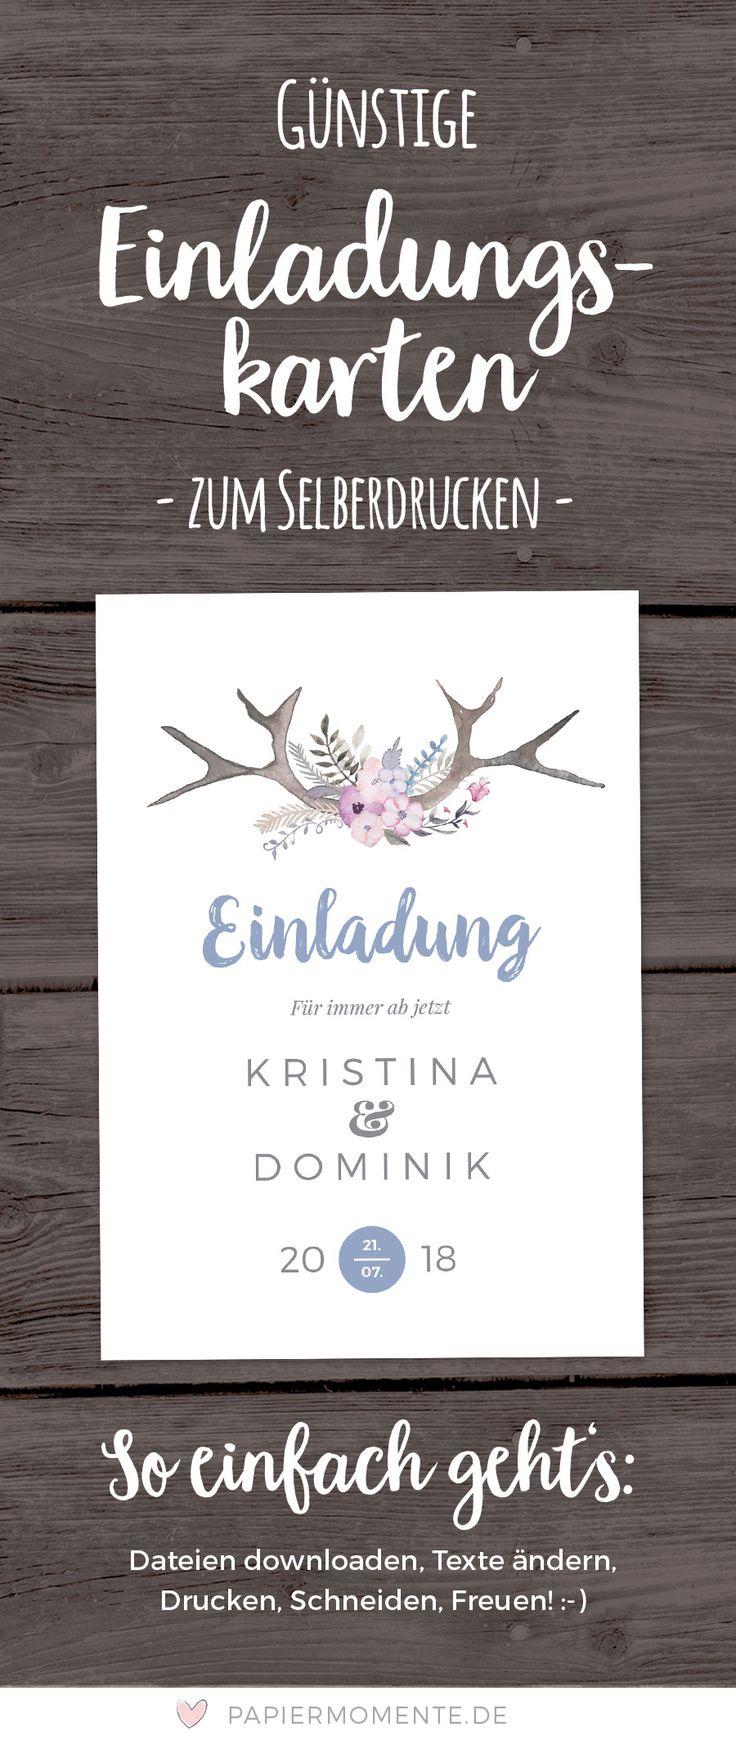 Günstige Einladungskarte Für Eure Hochzeit Im Boho Antler Stil. Perfekt Für  Eine Scheunenhochzeit Oder Hochzeit Im Freien. Zum Selberdrucken.